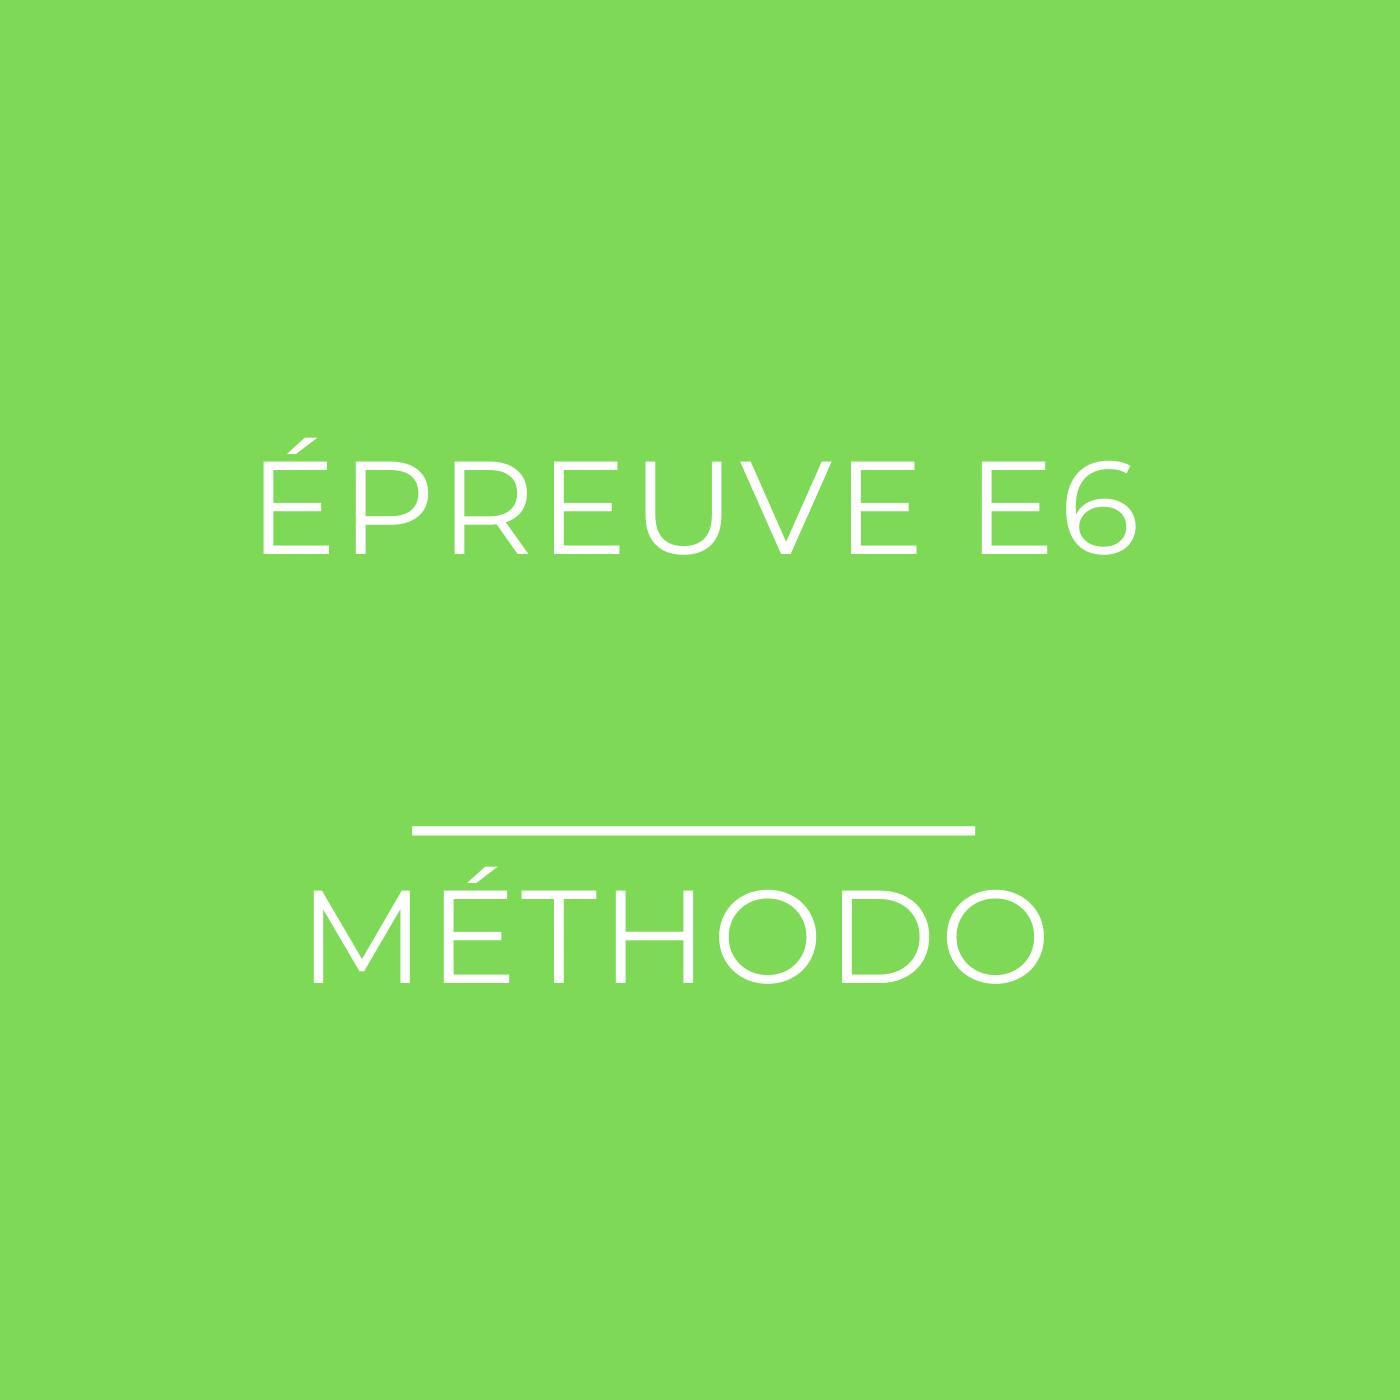 Epreuve E6 du BTS COM : la méthodologie complète